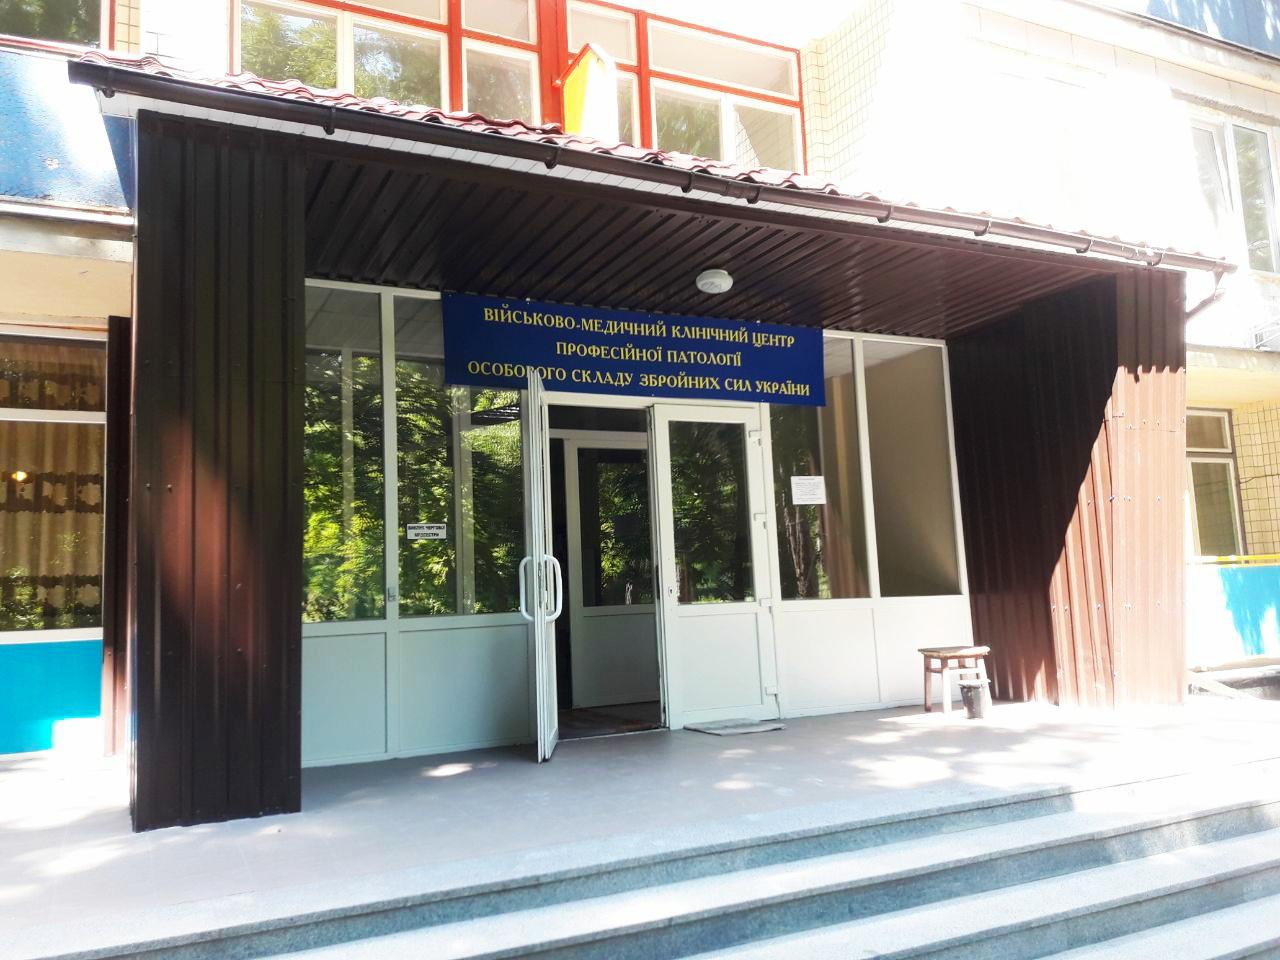 0617_SSHA_Guman_YUlya США відправили в Ірпінський війський шпиталь нове медичне обладнання